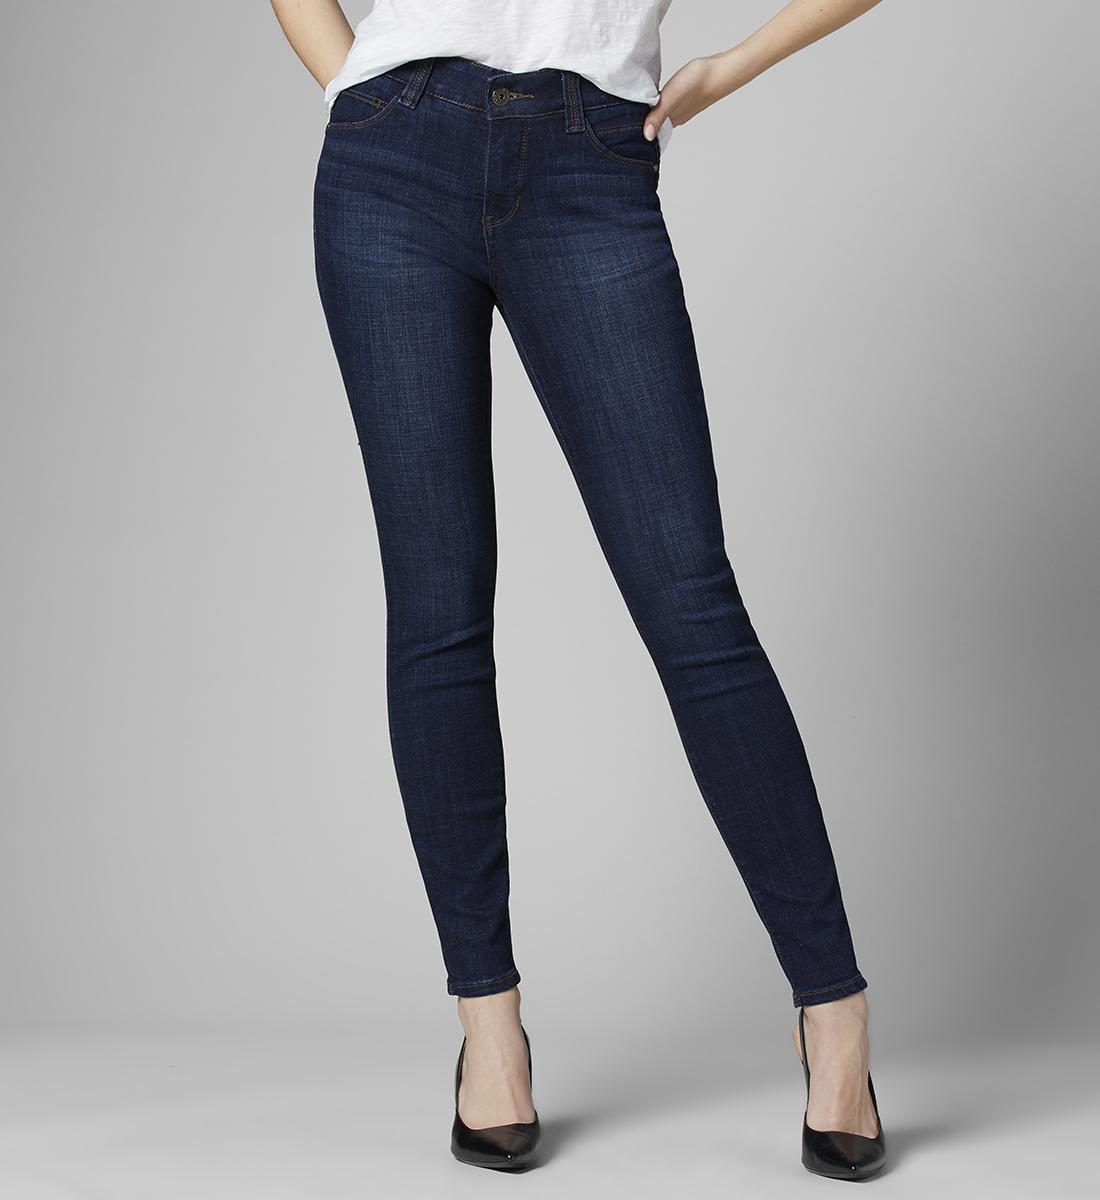 c2c664c8 Cecilia Skinny | Jag Jeans